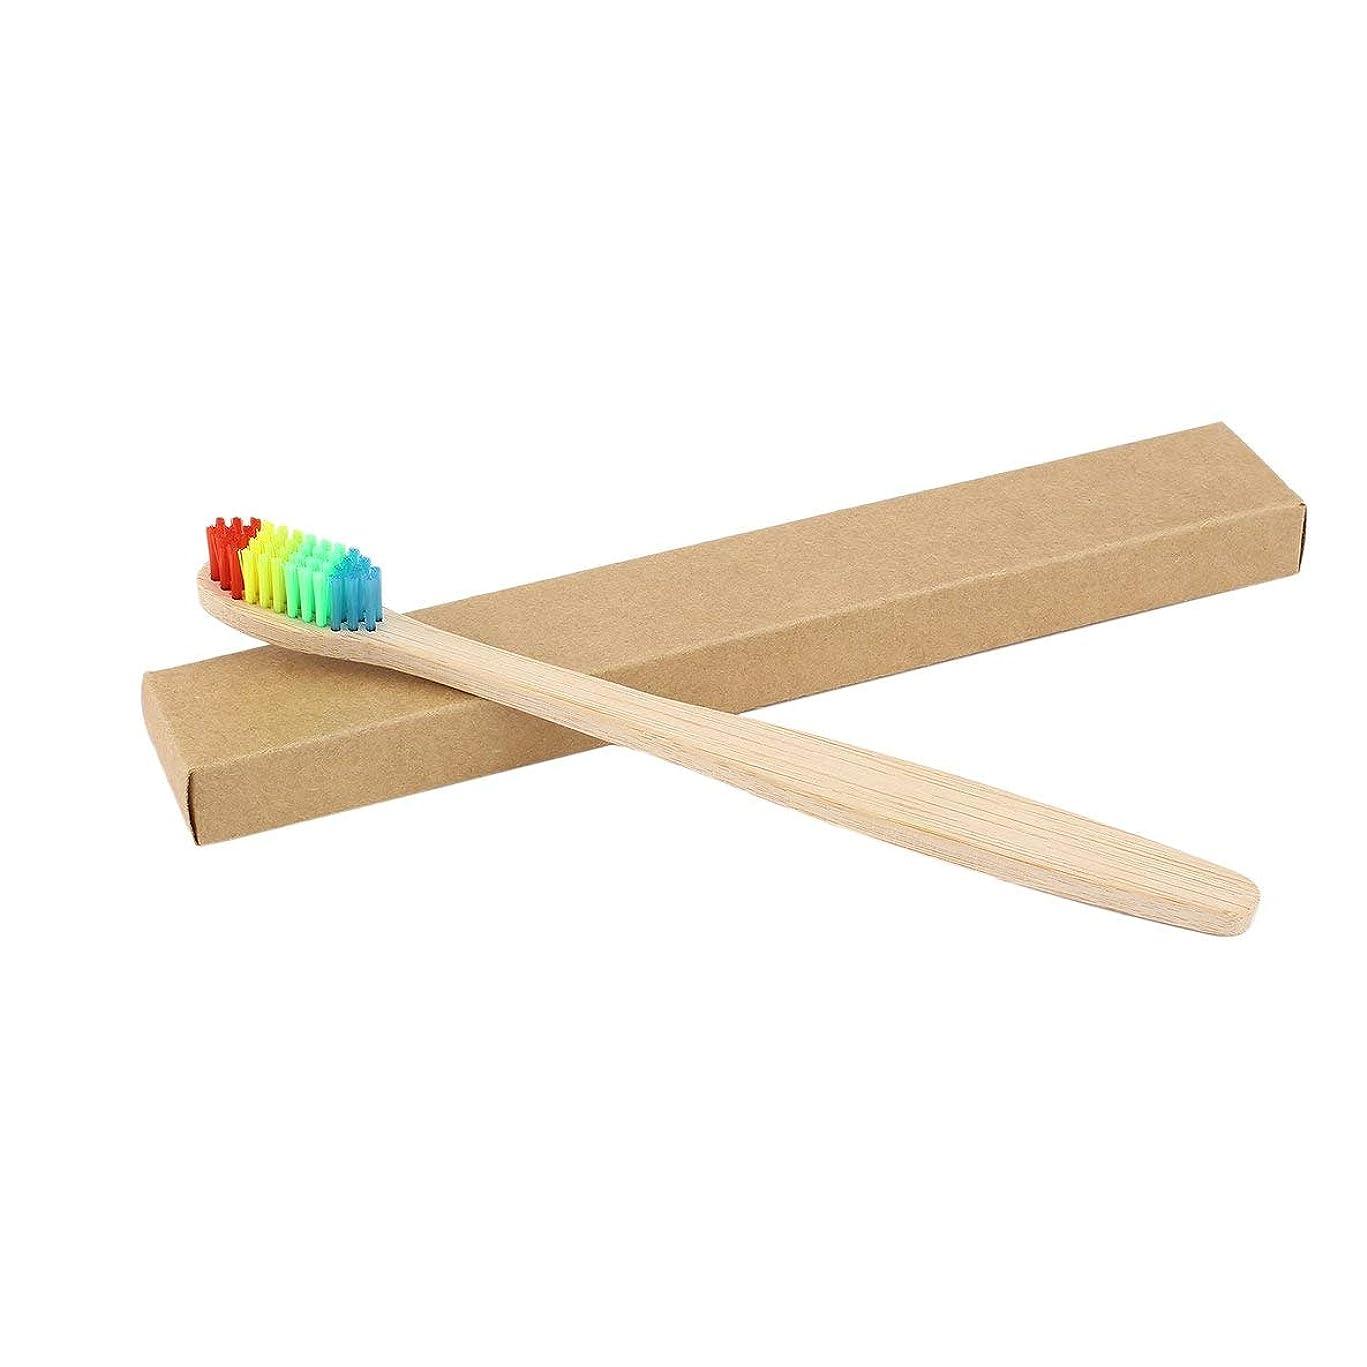 称賛クーポン赤道カラフルな髪+竹のハンドル歯ブラシ環境木製の虹竹の歯ブラシオーラルケアソフト剛毛ユニセックス - ウッドカラー+カラフル